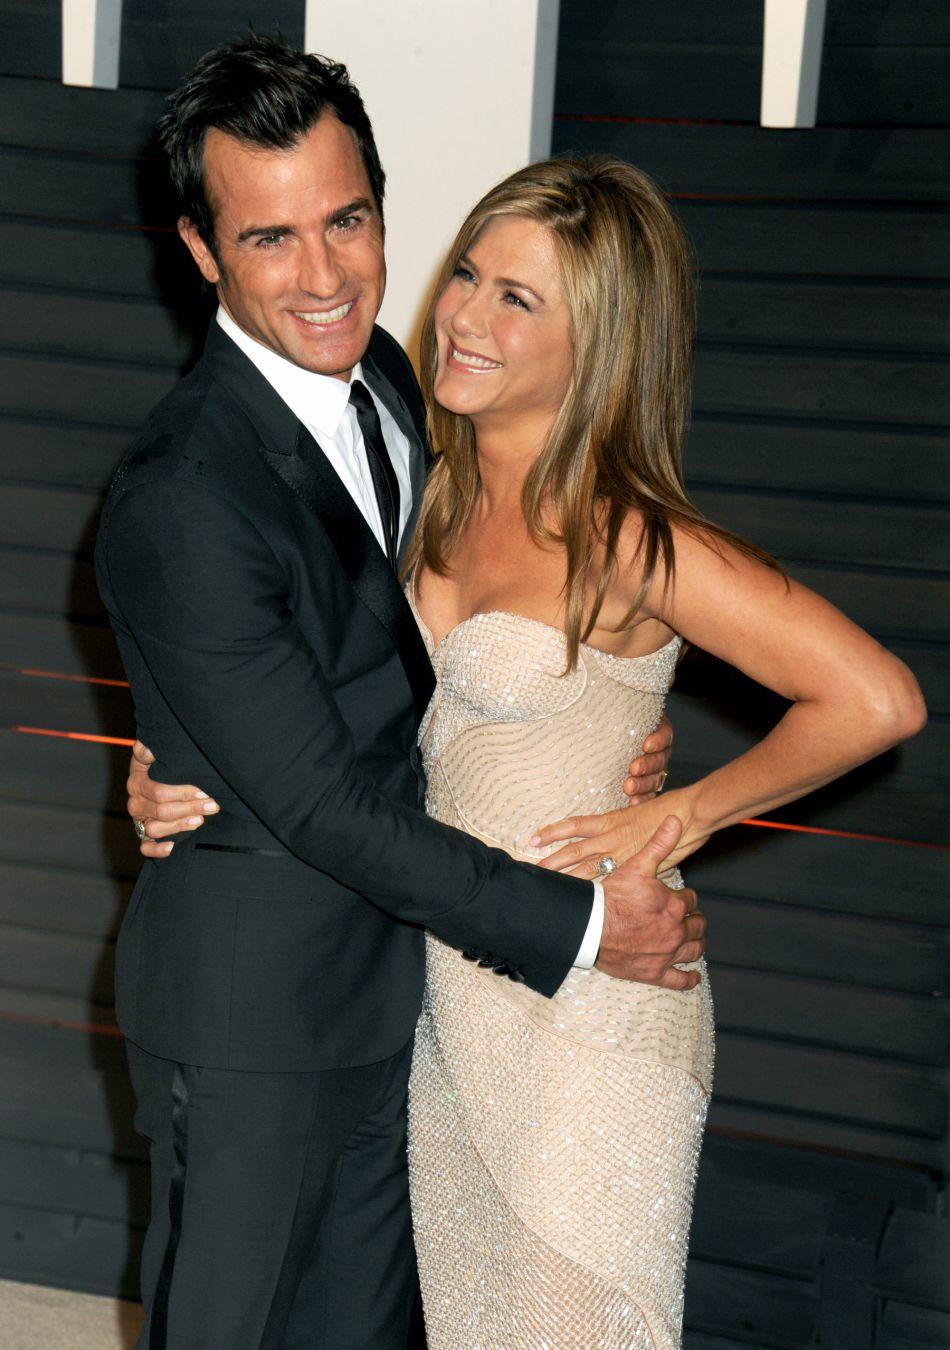 La dernière en date, le divorce imminent du couple star.